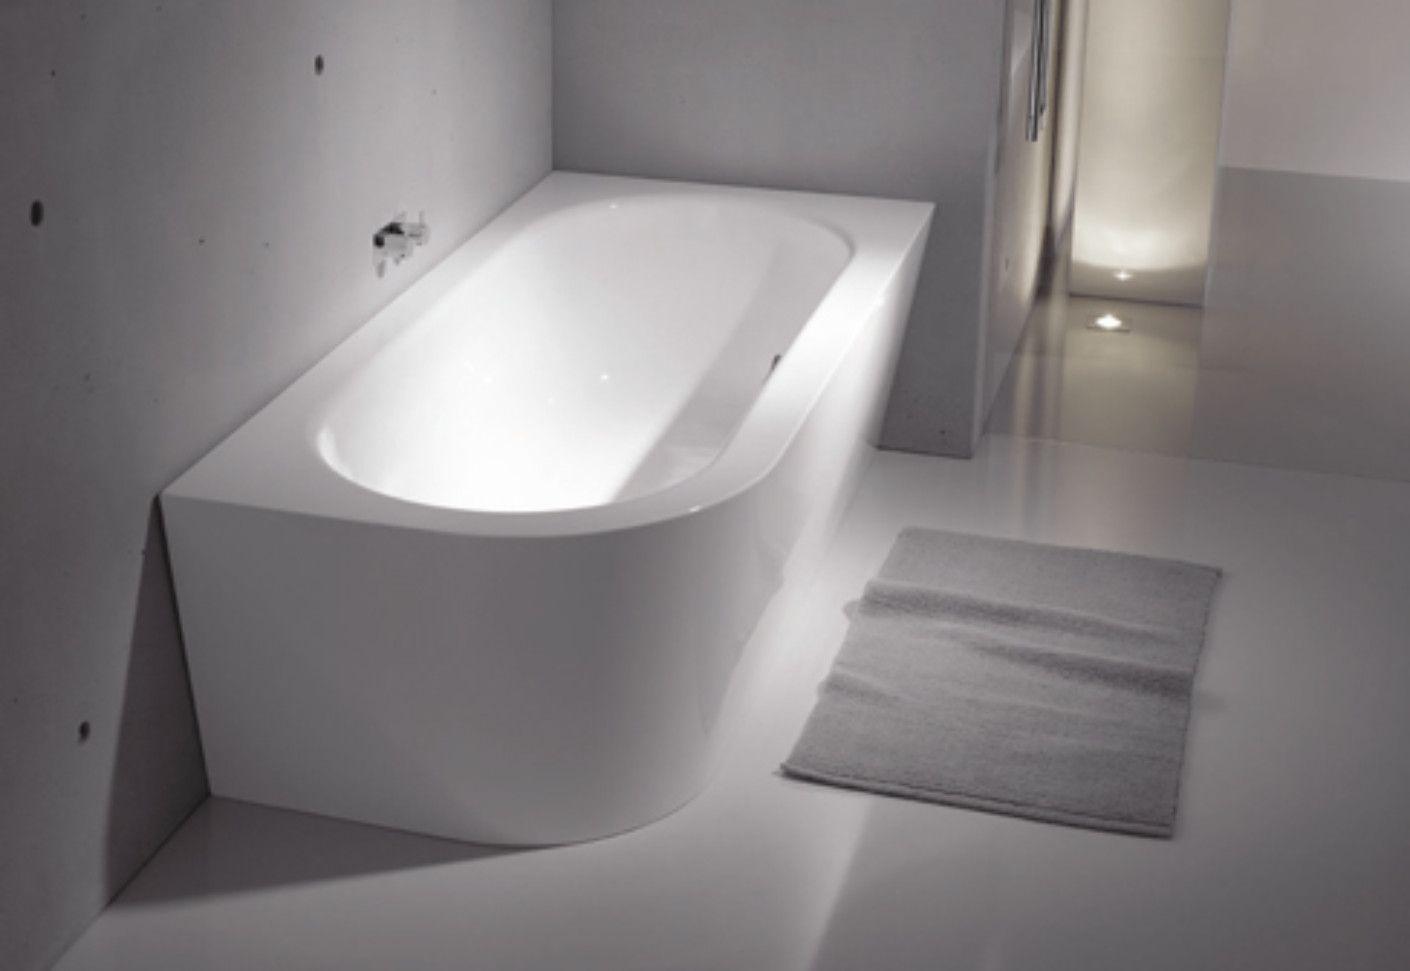 Full Size of Bette Starlet 4 Silhouette Iv 6670 Oval Freestanding Bath V Baignoire Bettestarlet Flair Freistehende Badewanne 185 6660 Cervo Gewicht Built In Rauch Betten Bett Bette Starlet